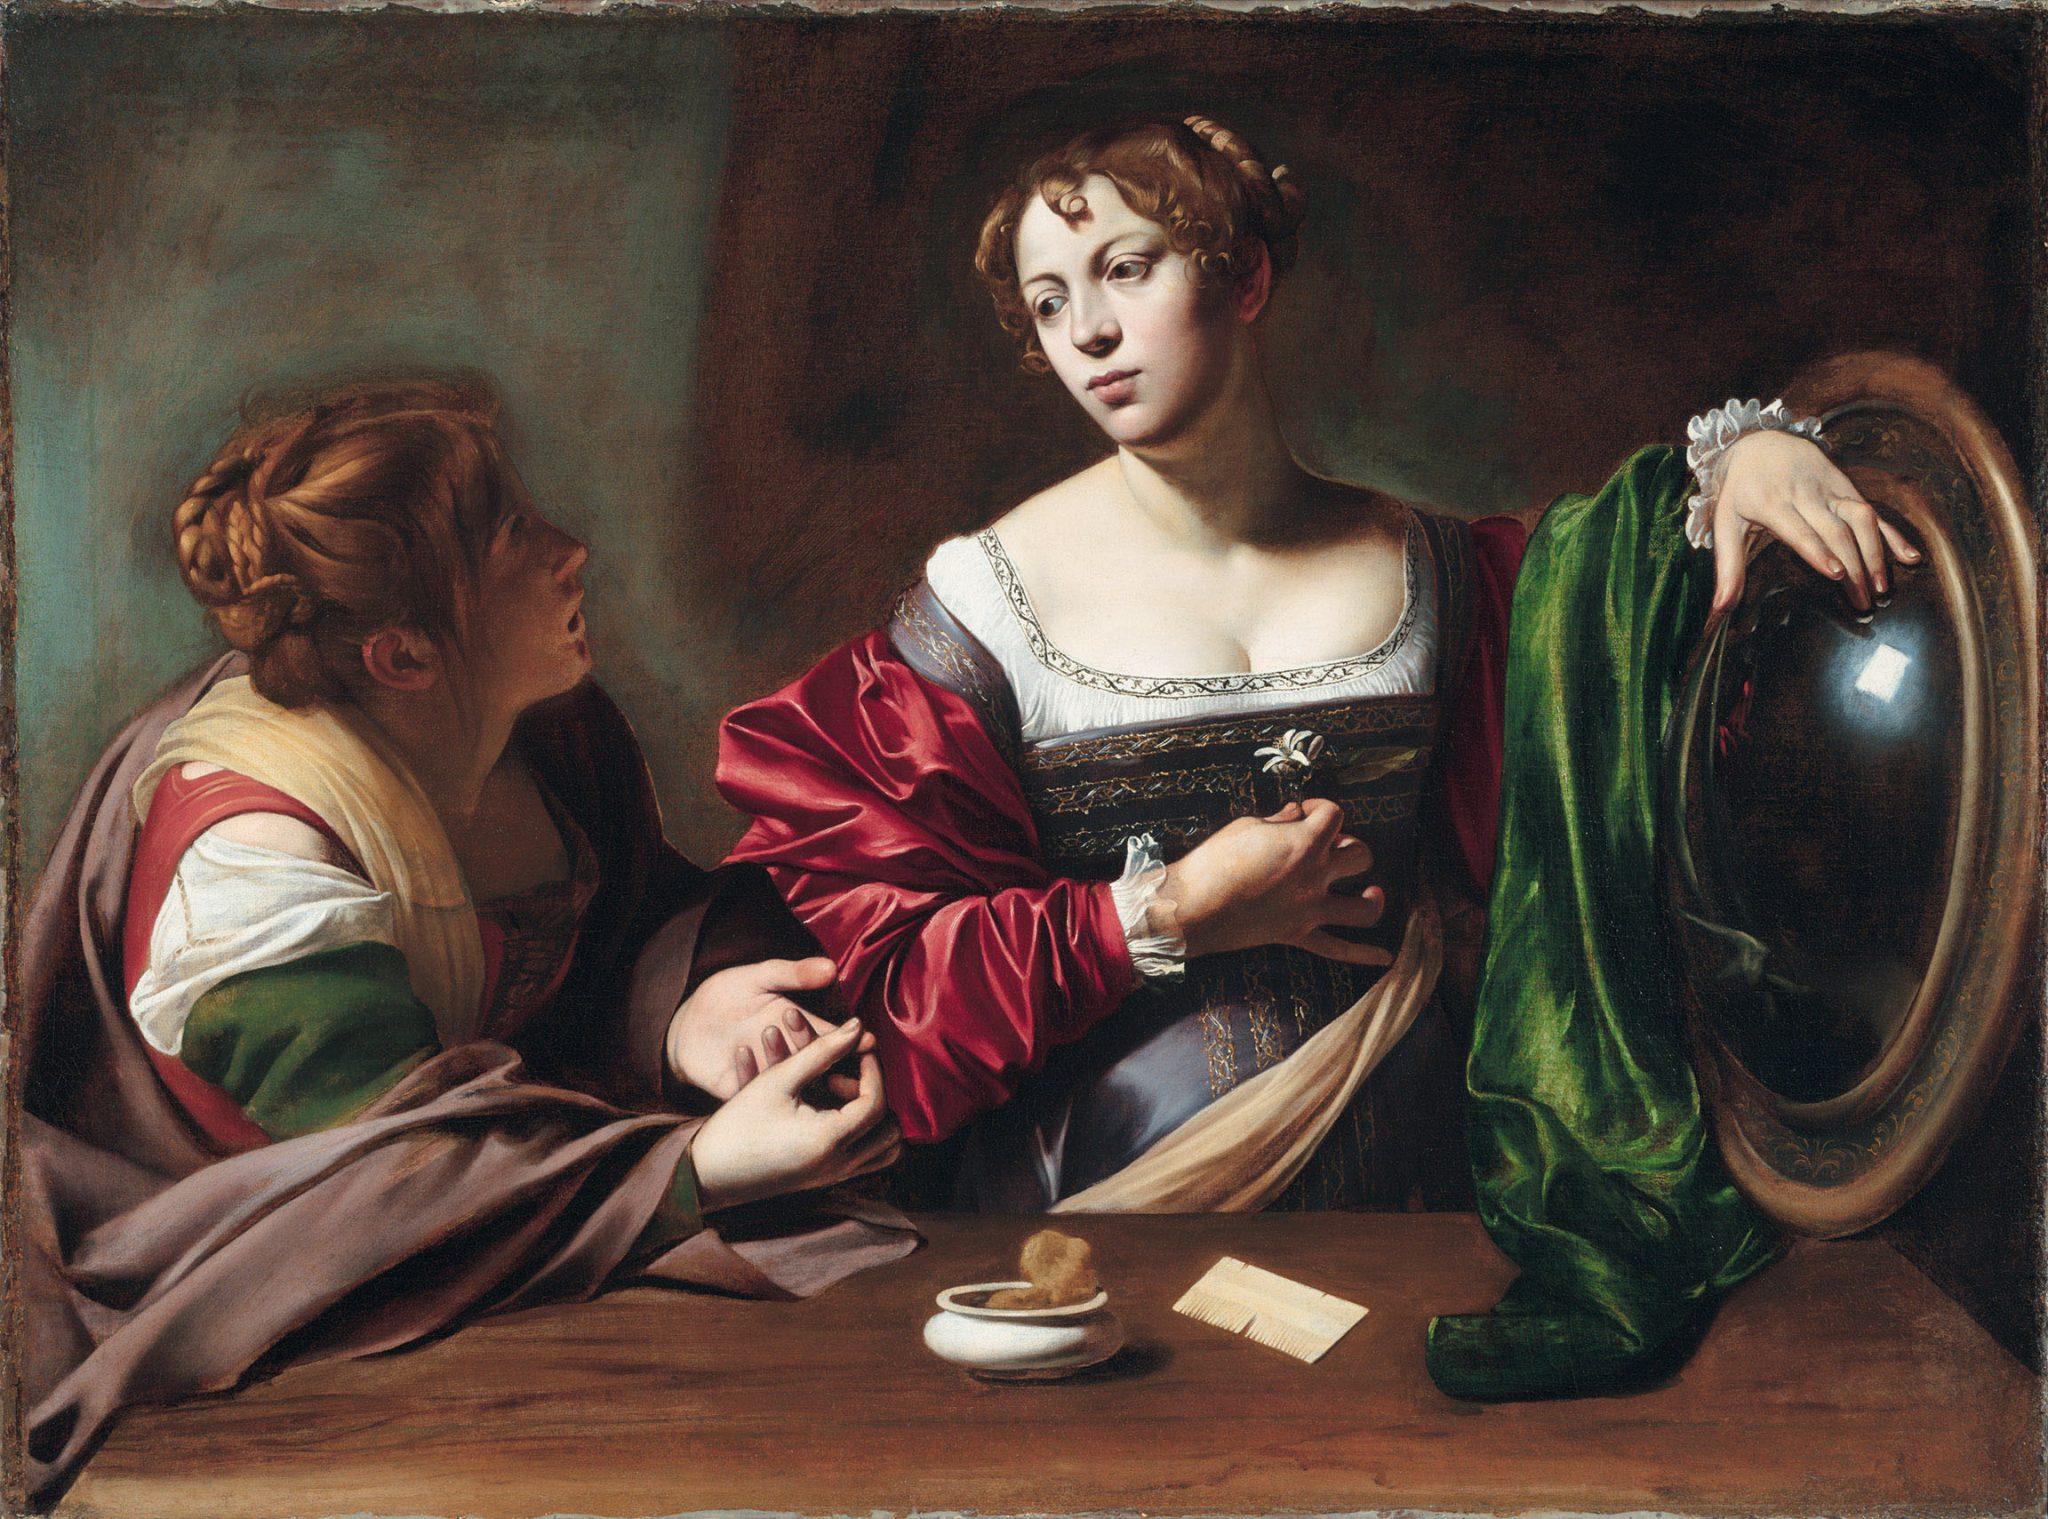 Michelangelo Merisi da Caravaggio, Marta e Maria Maddalena, 1598-1599, Detroit Institute of Arts